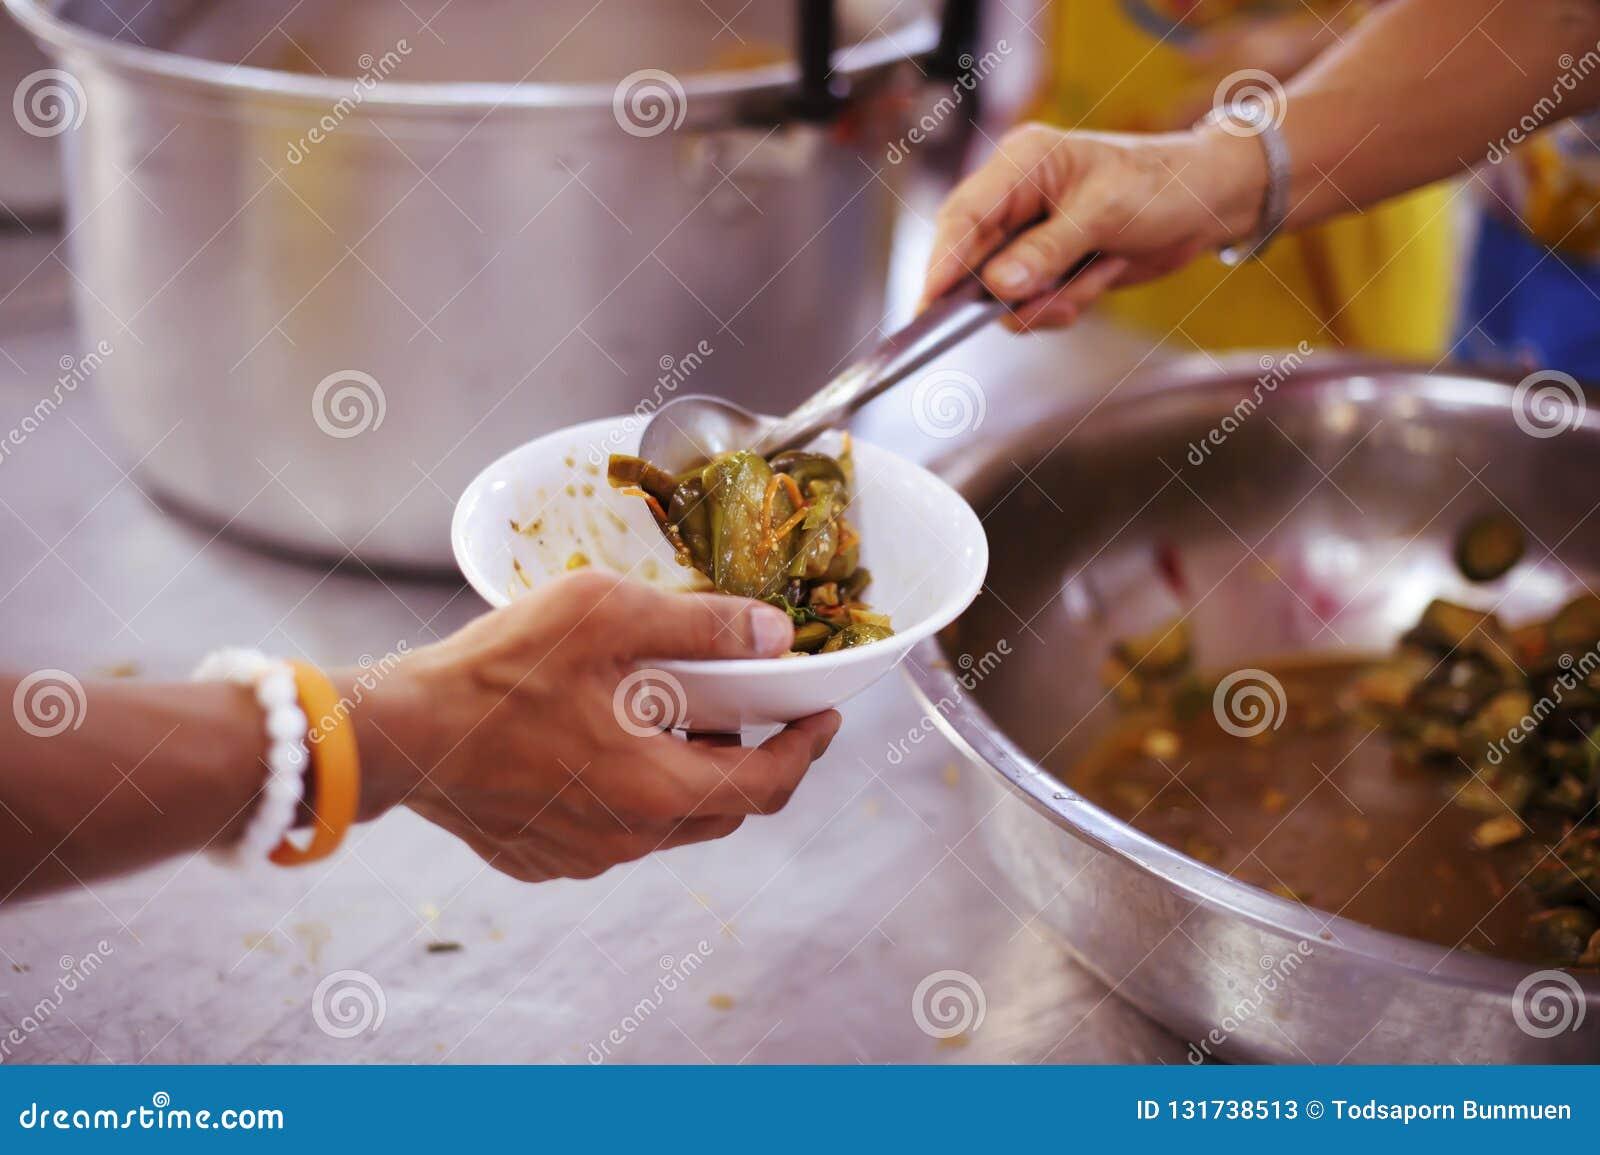 Volontär att mata det hungrigt i samhälle: Begreppet av att donera mat till det fattigt i samhälle